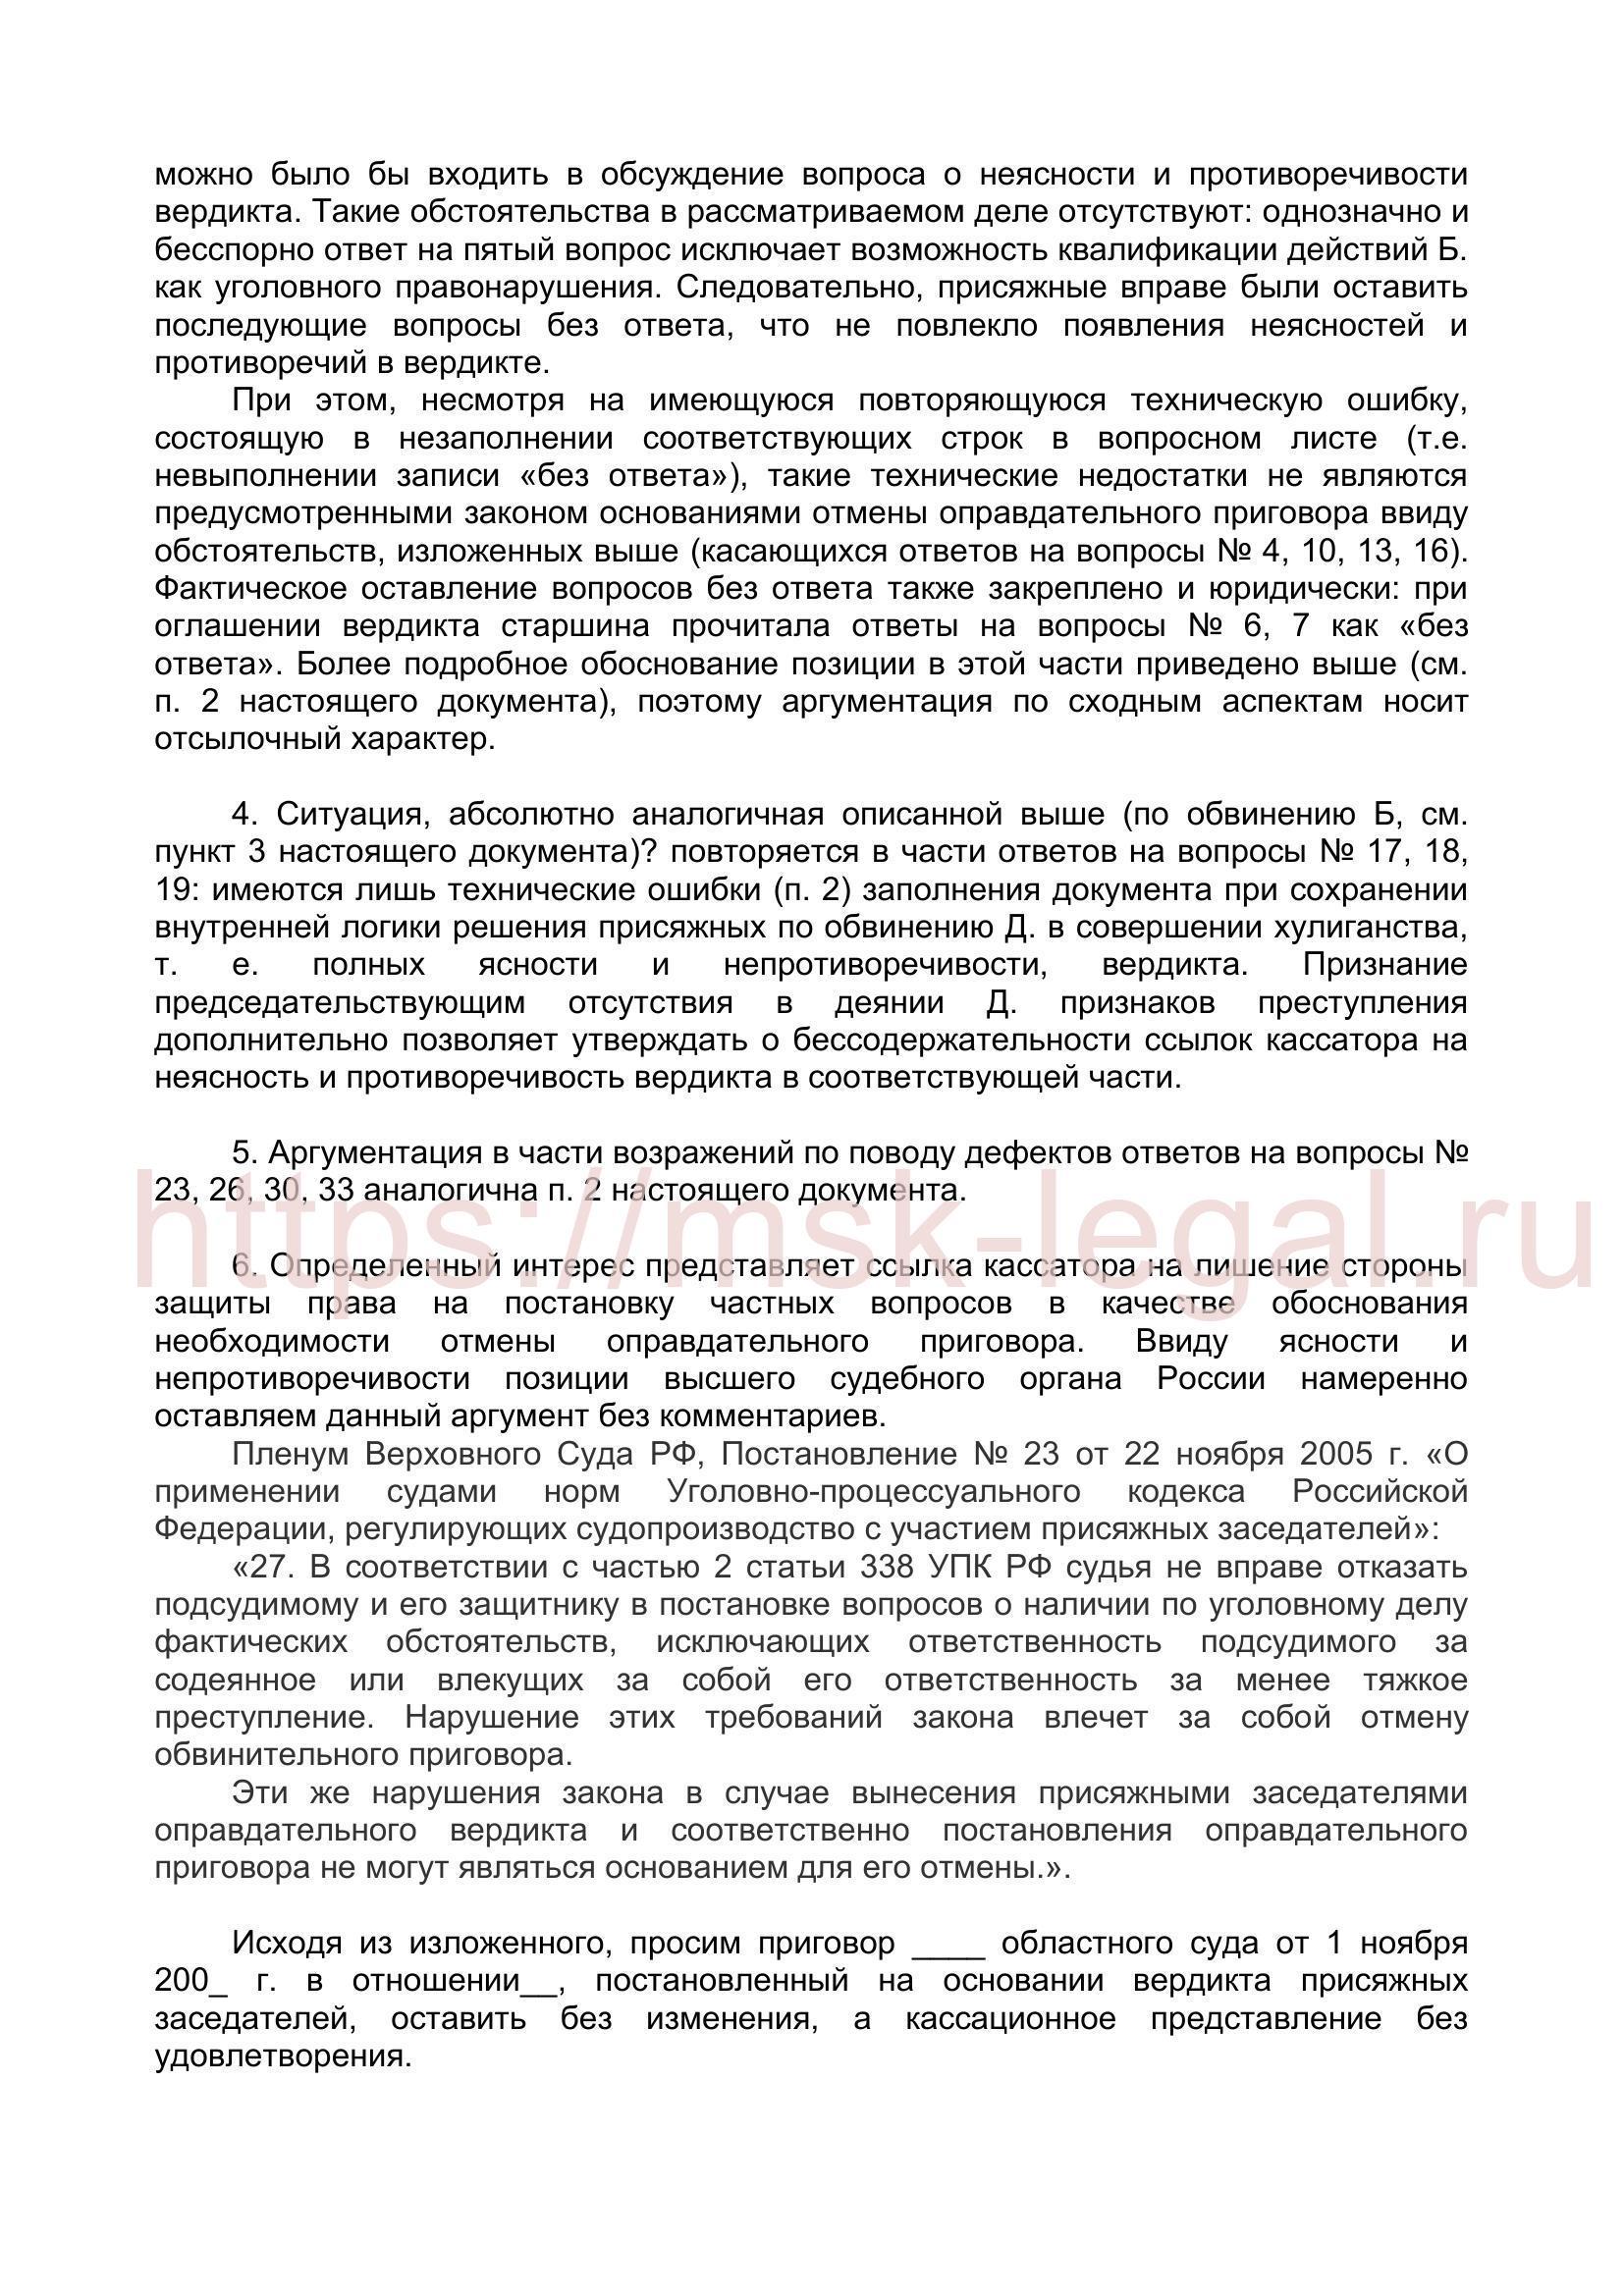 Возражения на кассационное представление гособвинителя об отмене оправдательного приговора